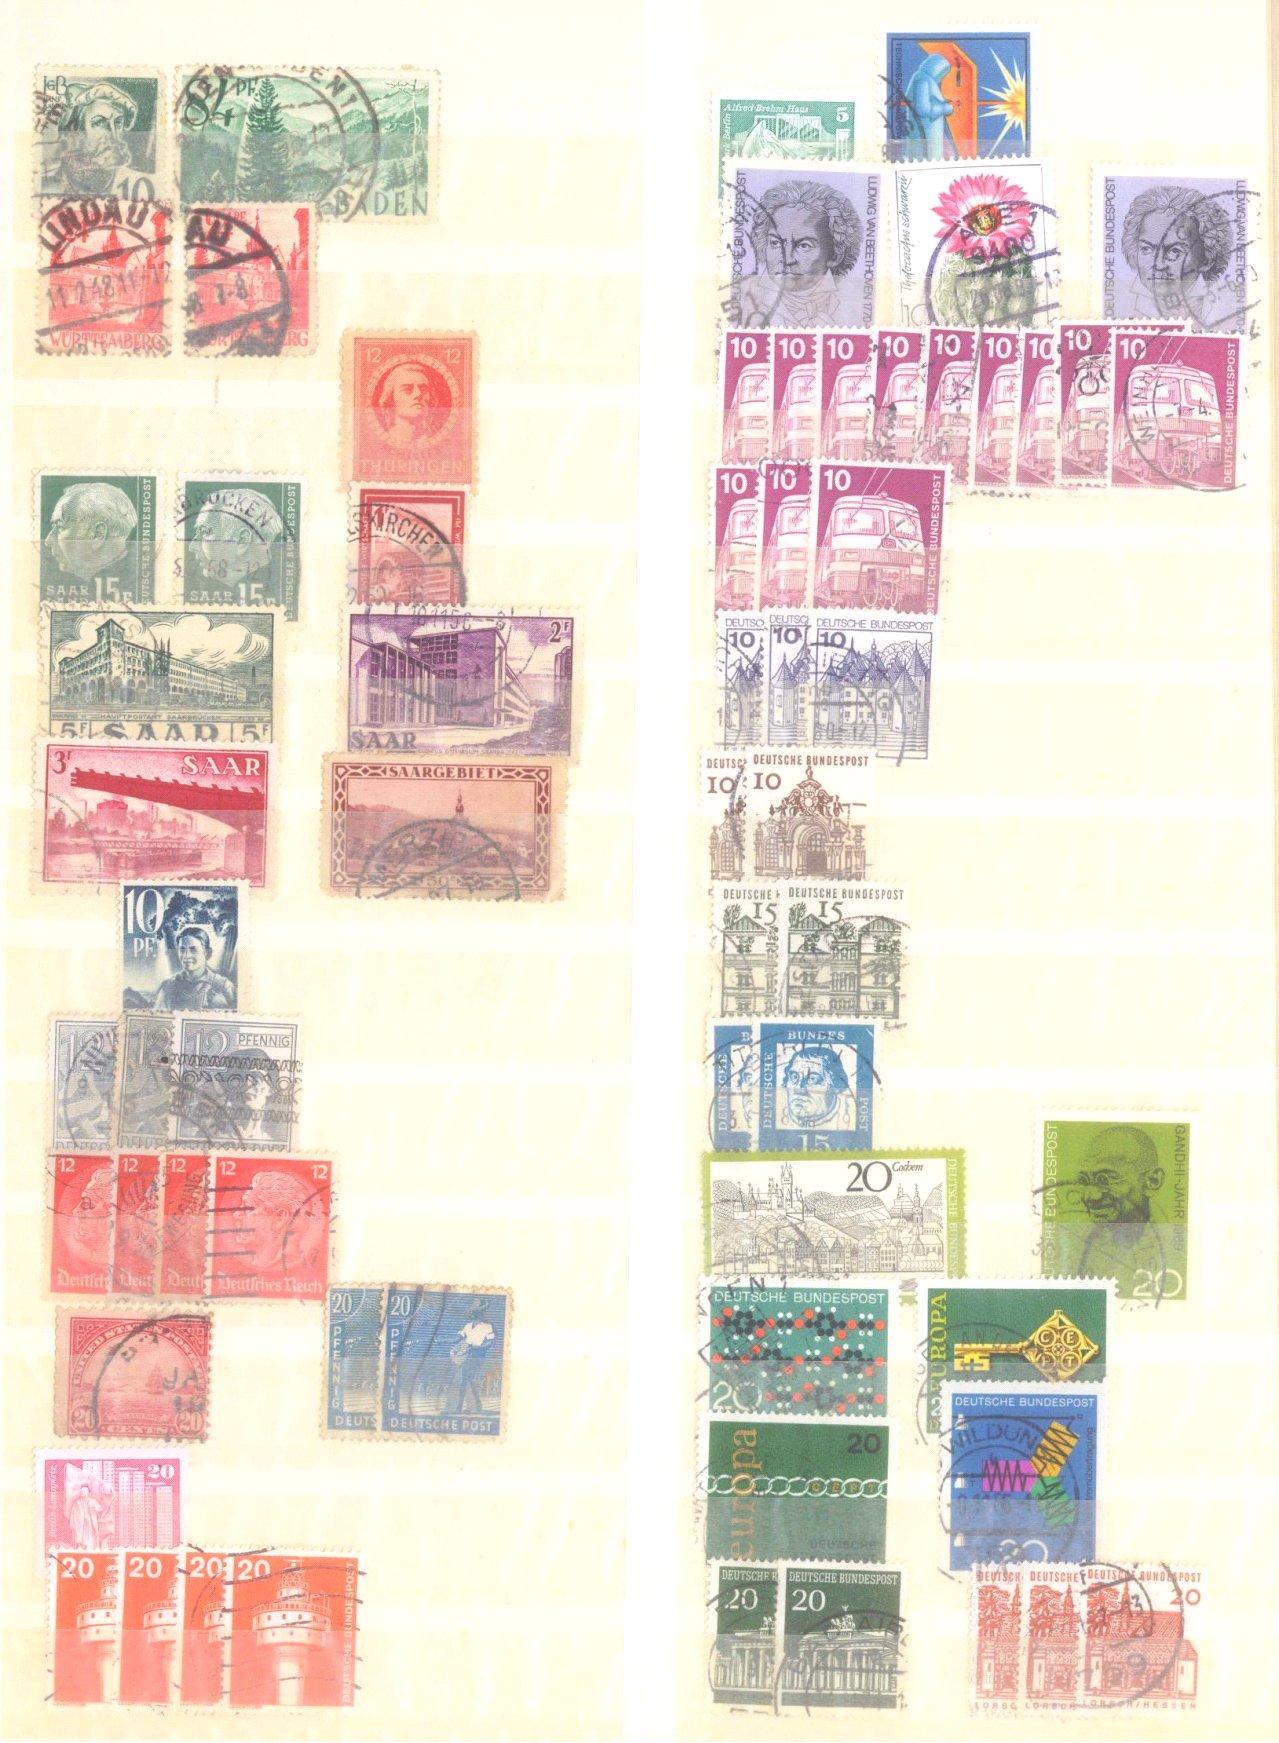 Kleiner Briefmarkennachlass Alle Welt-11